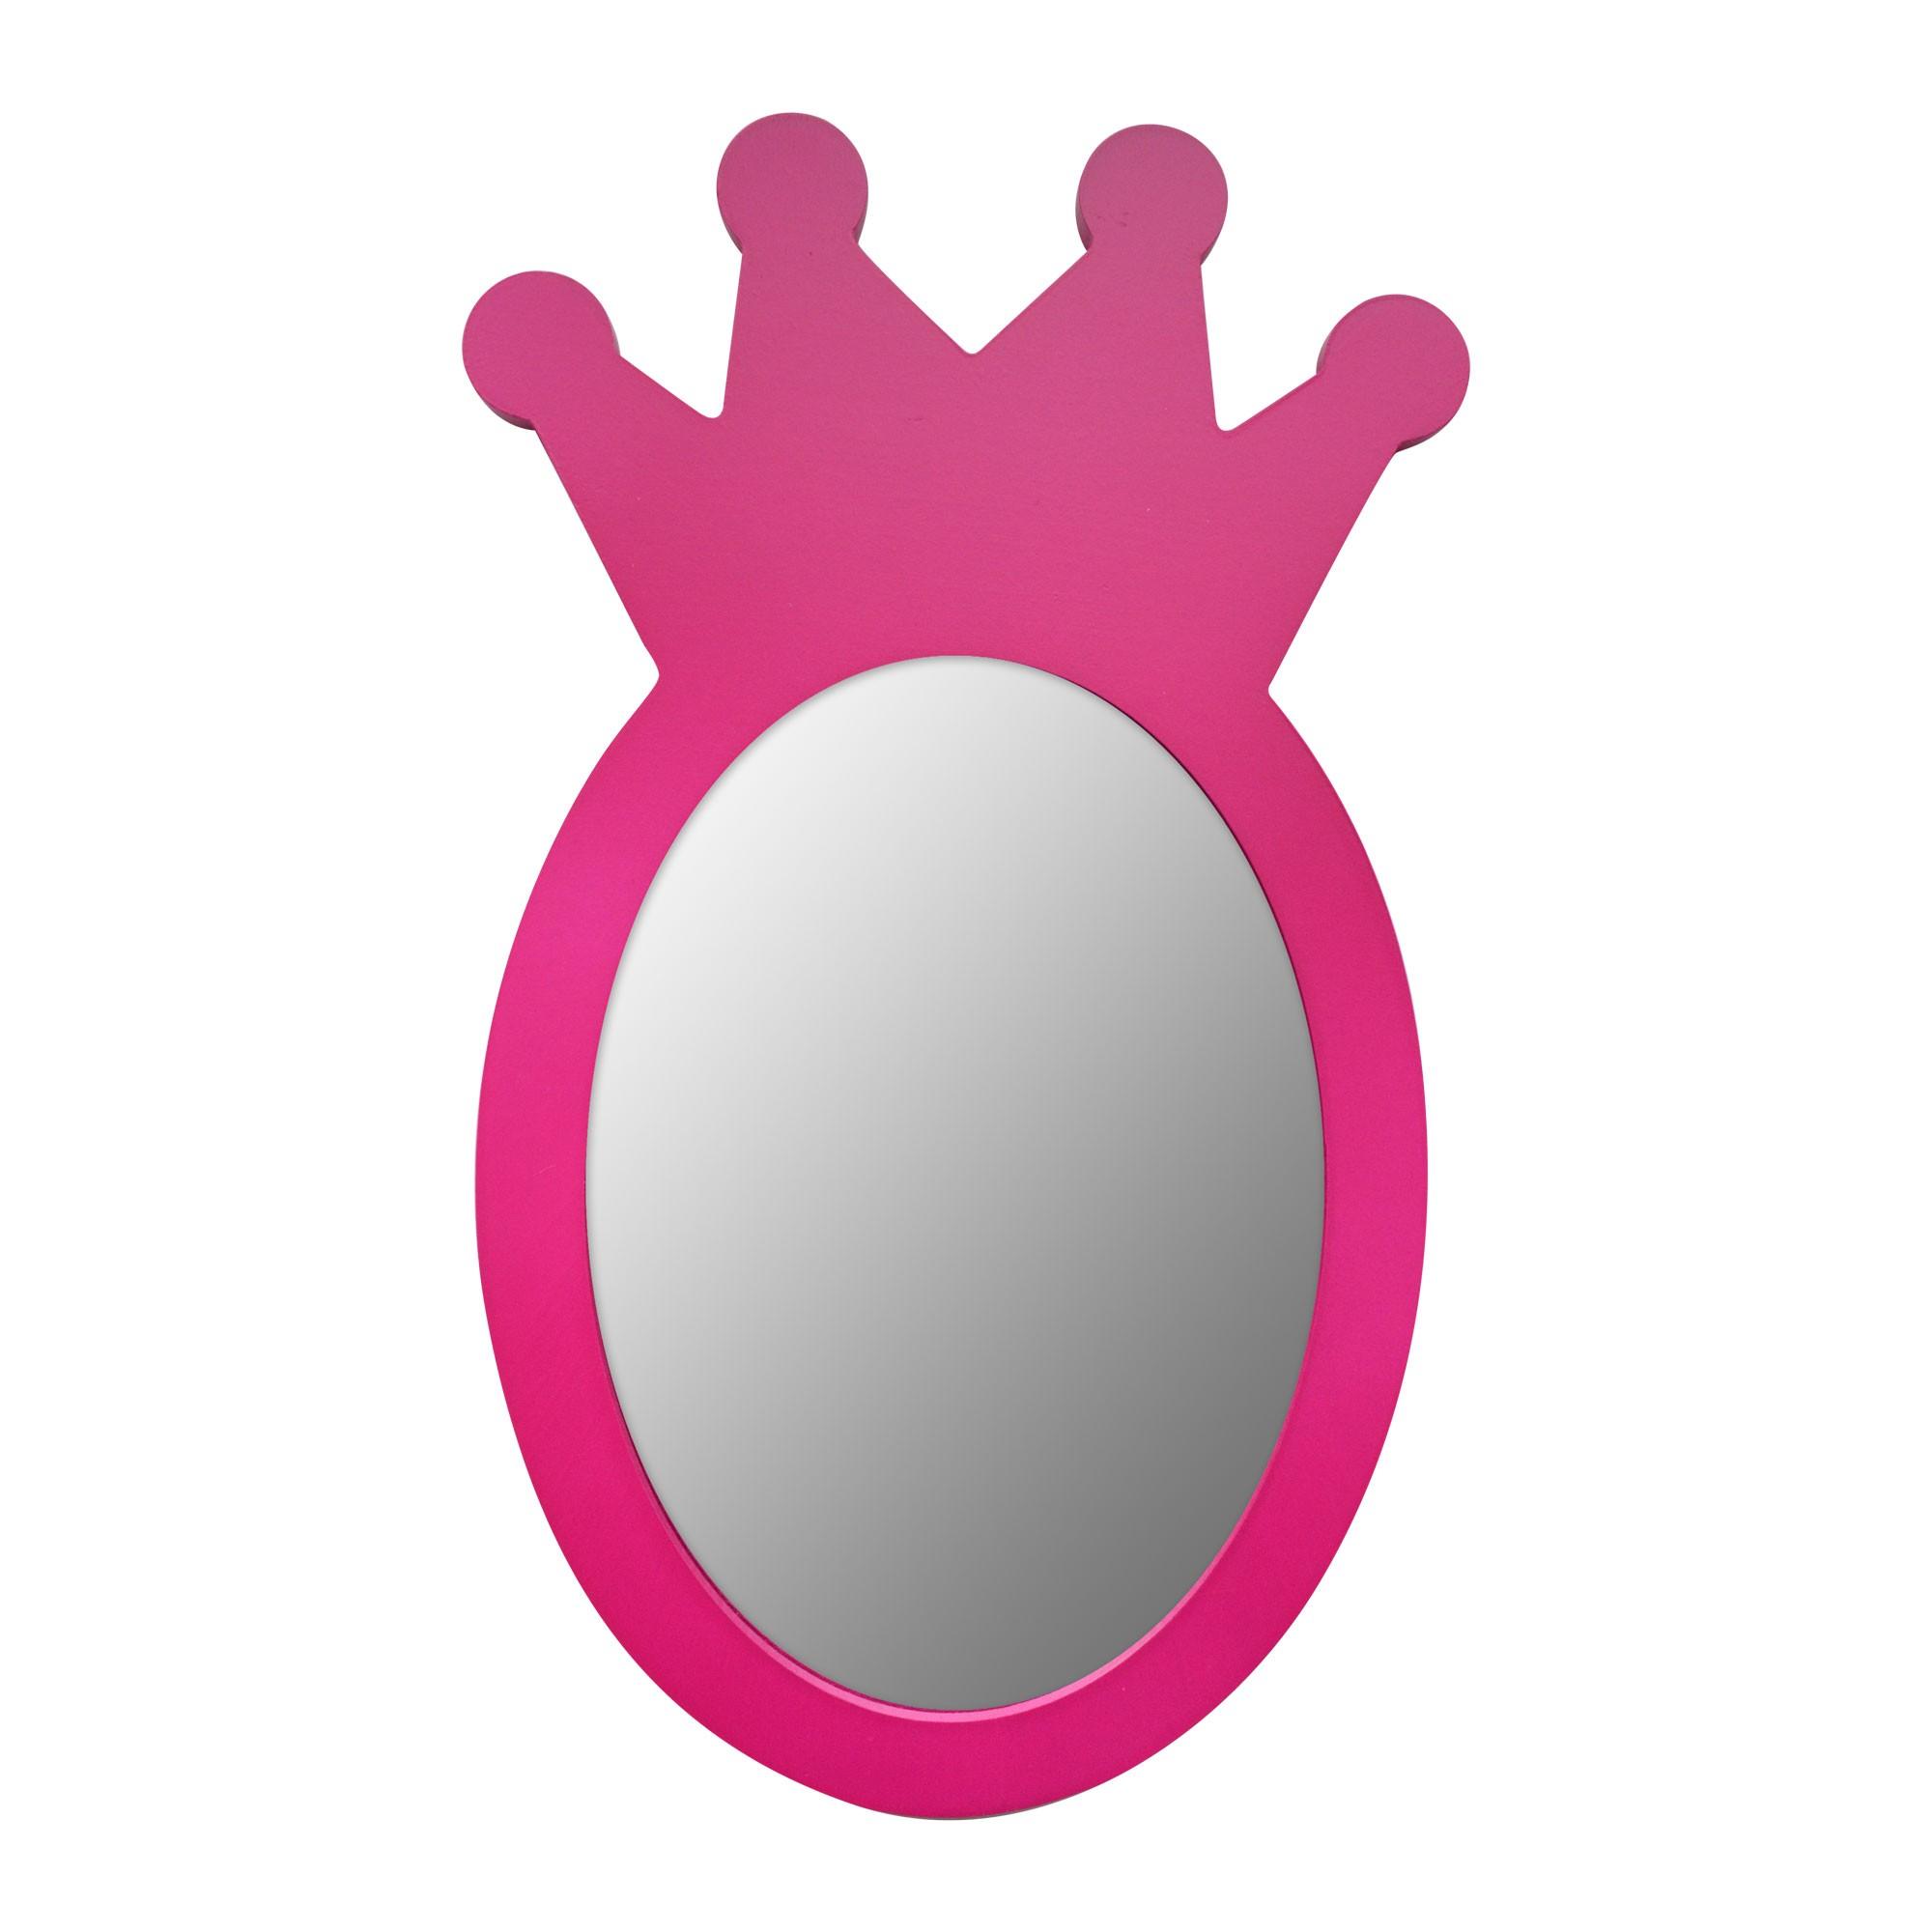 miroir mdf couronne rose 30x18cm -